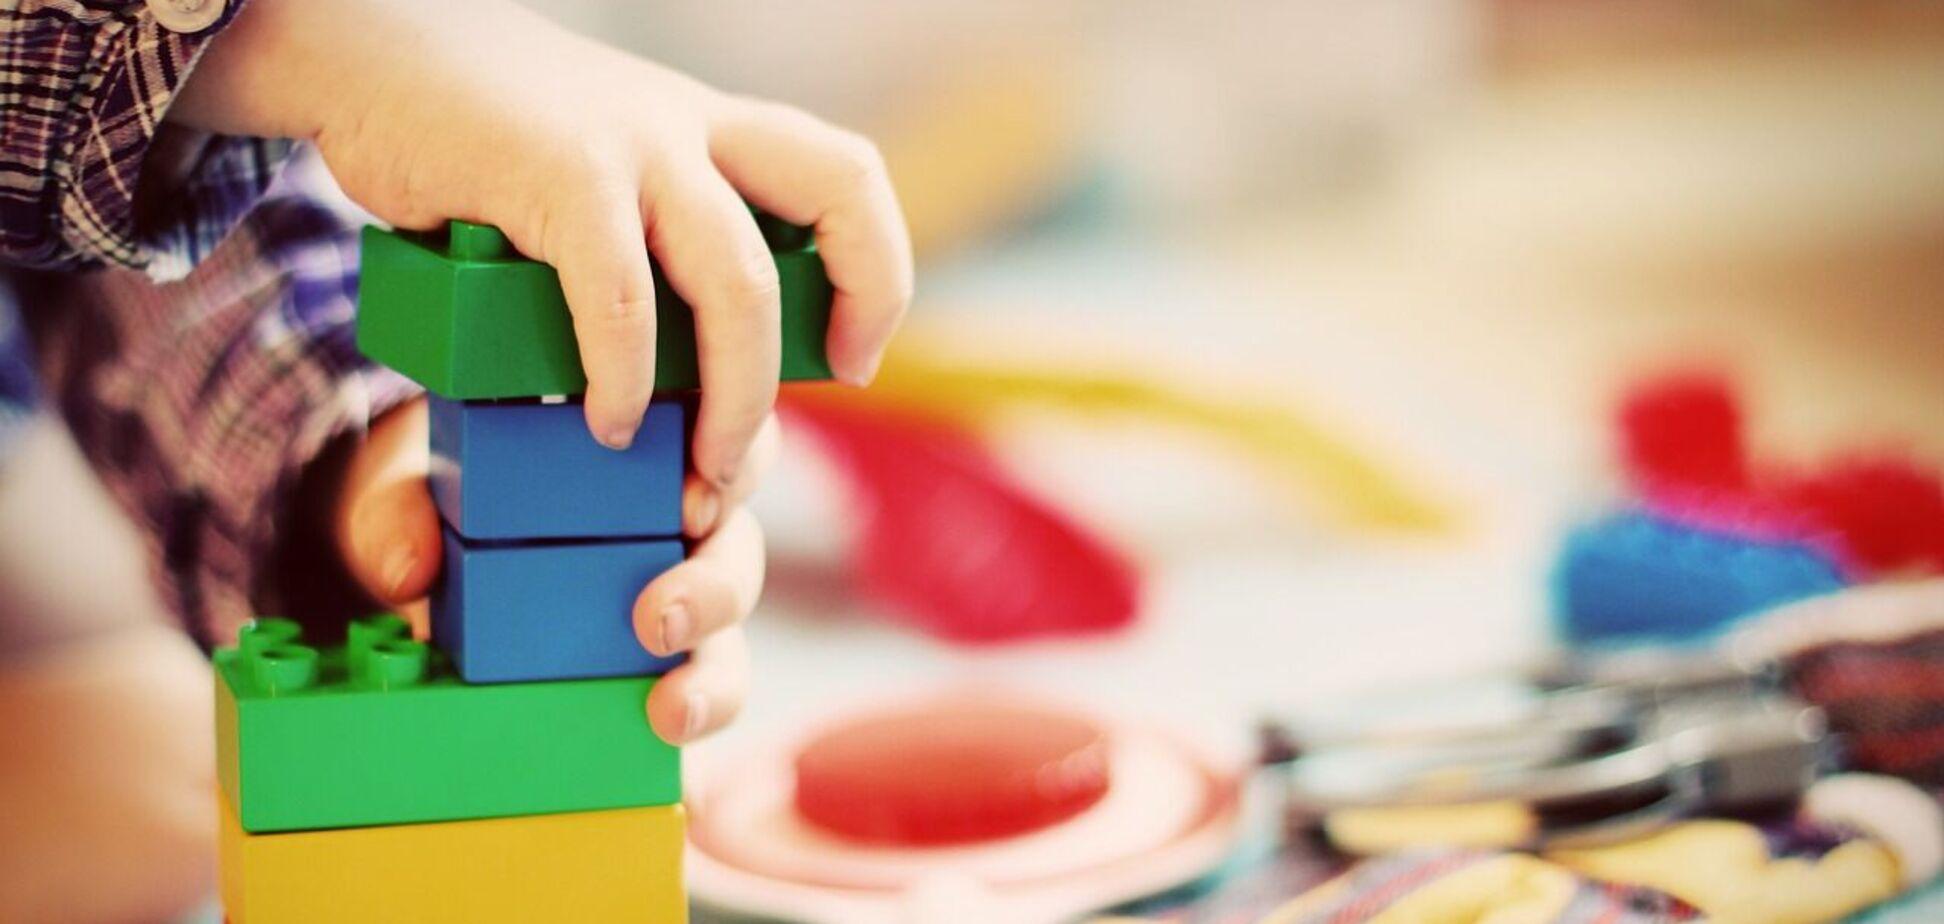 В детских игрушках обнаружили вредные вещества, которые могут вызвать рак